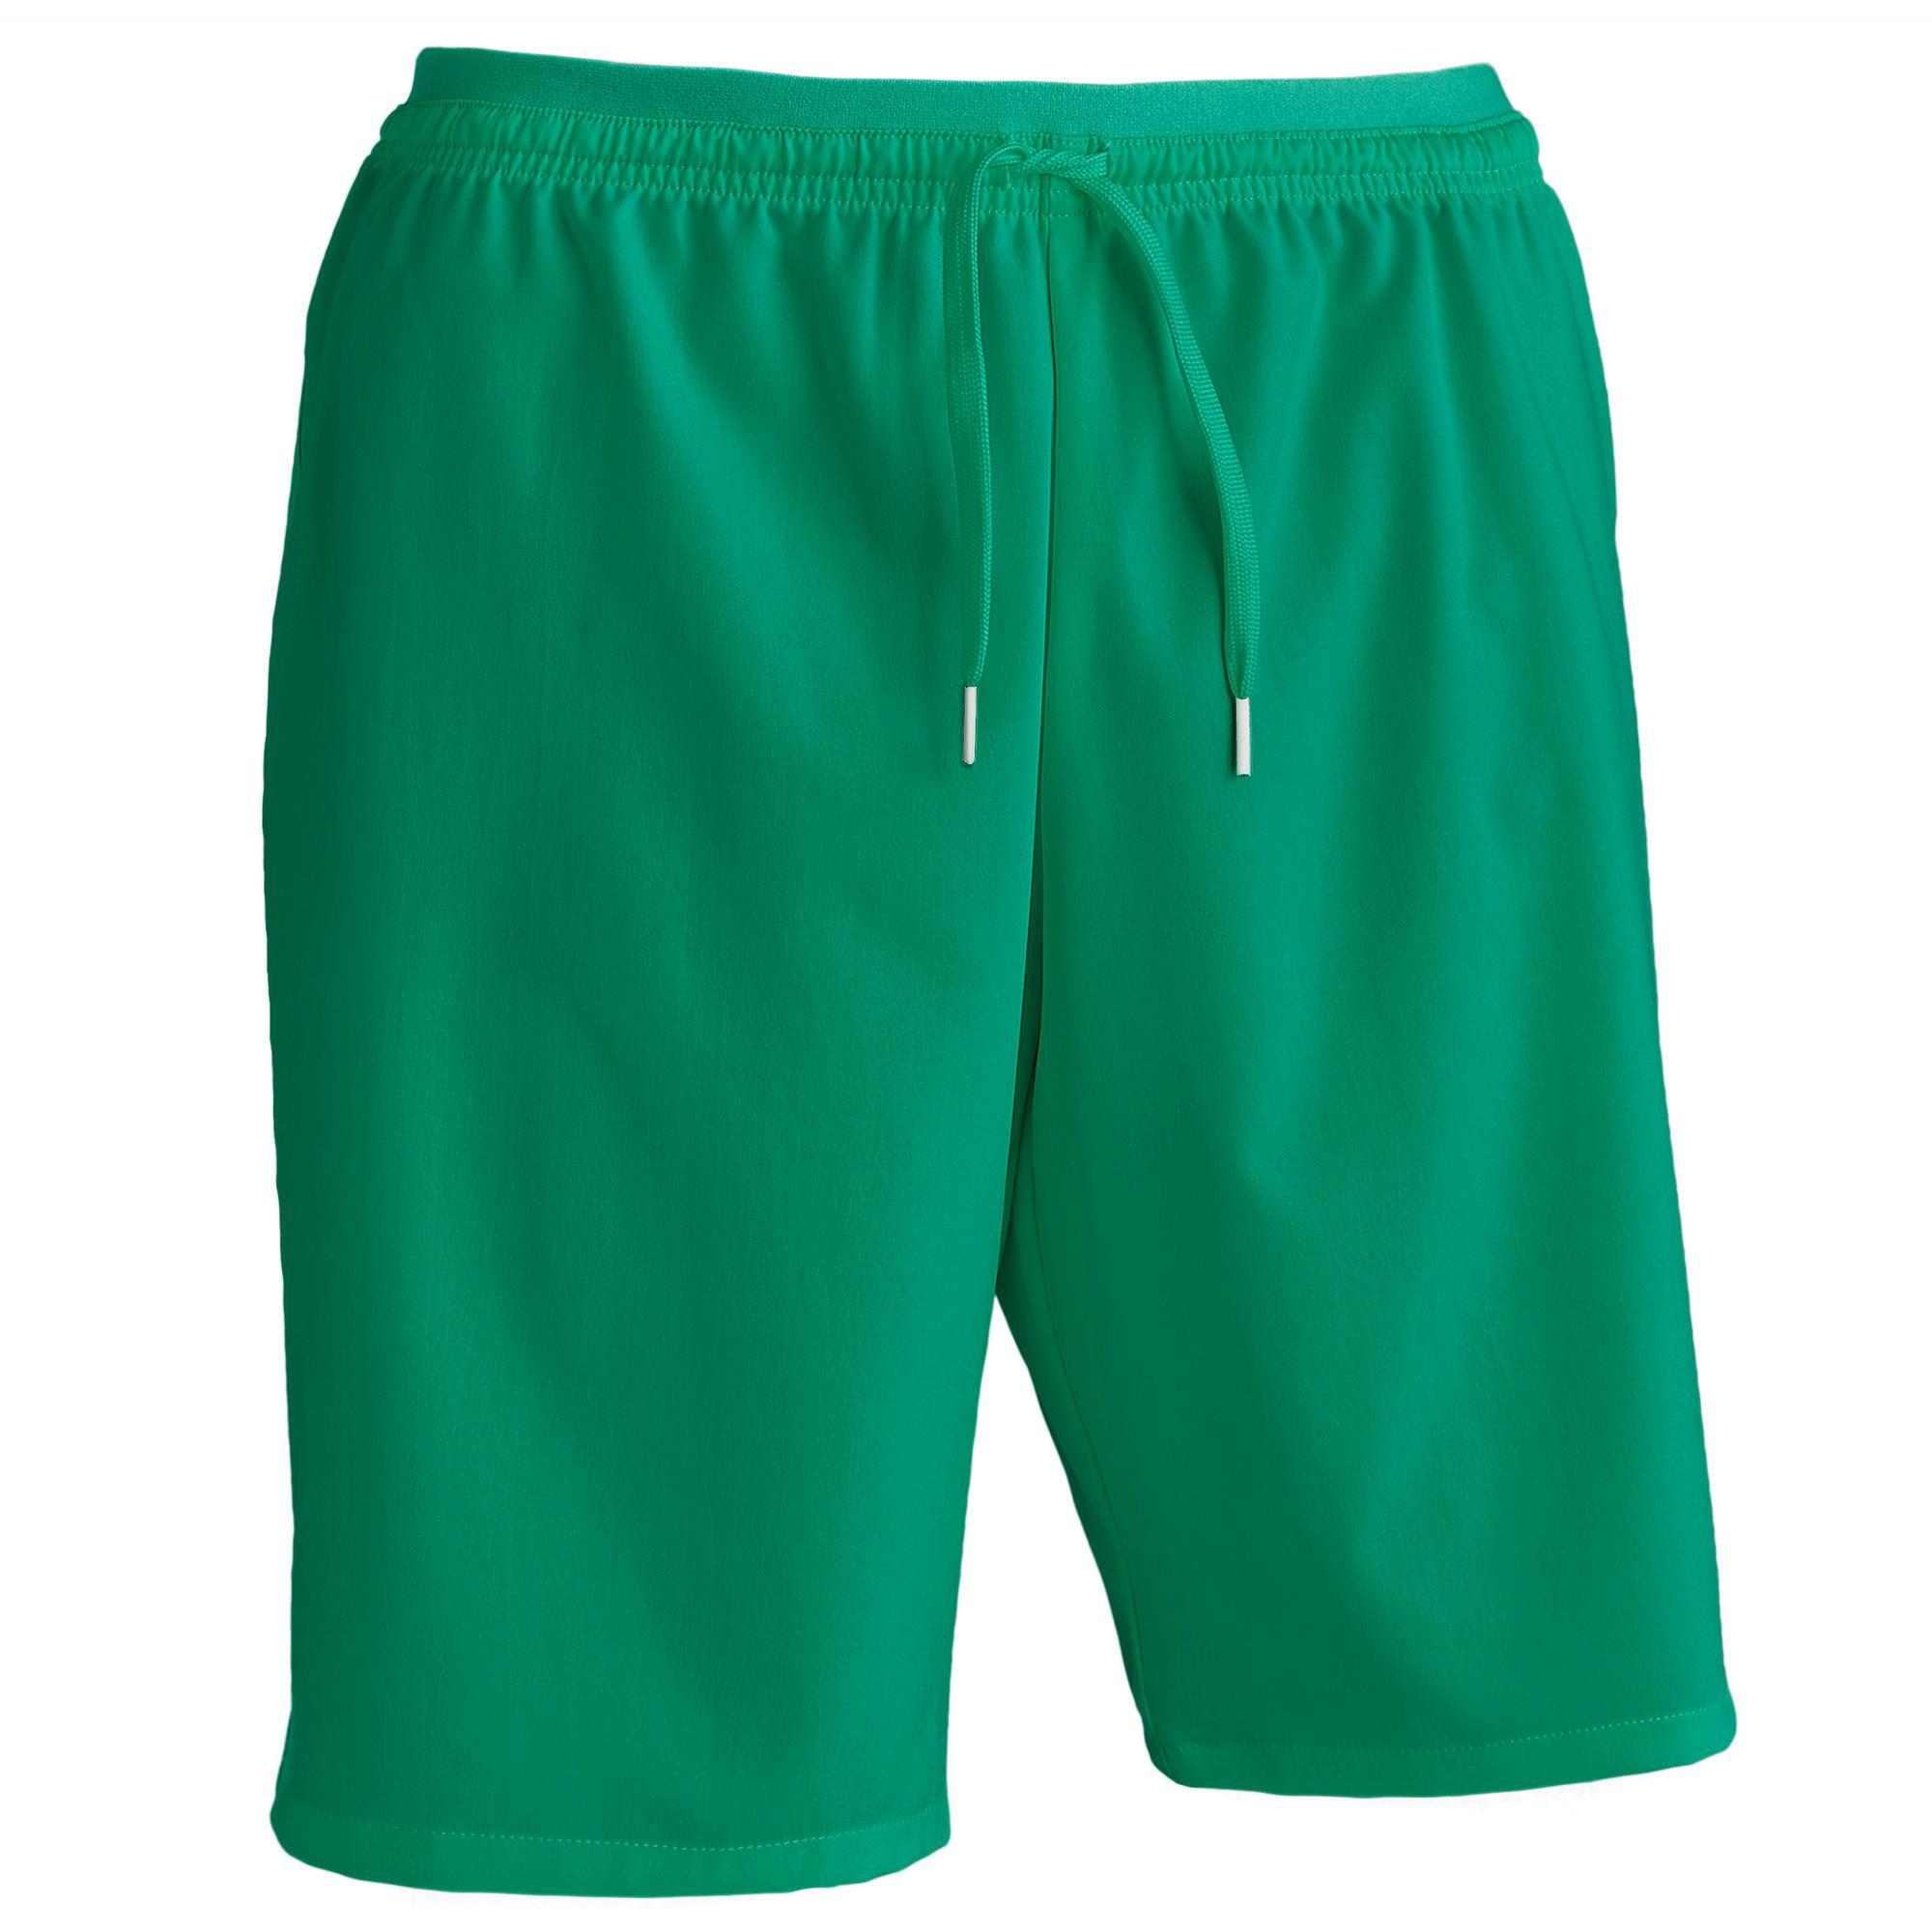 Fußballshorts F500 Erwachsene | Sportbekleidung > Sporthosen > Fußballhosen | Kipsta